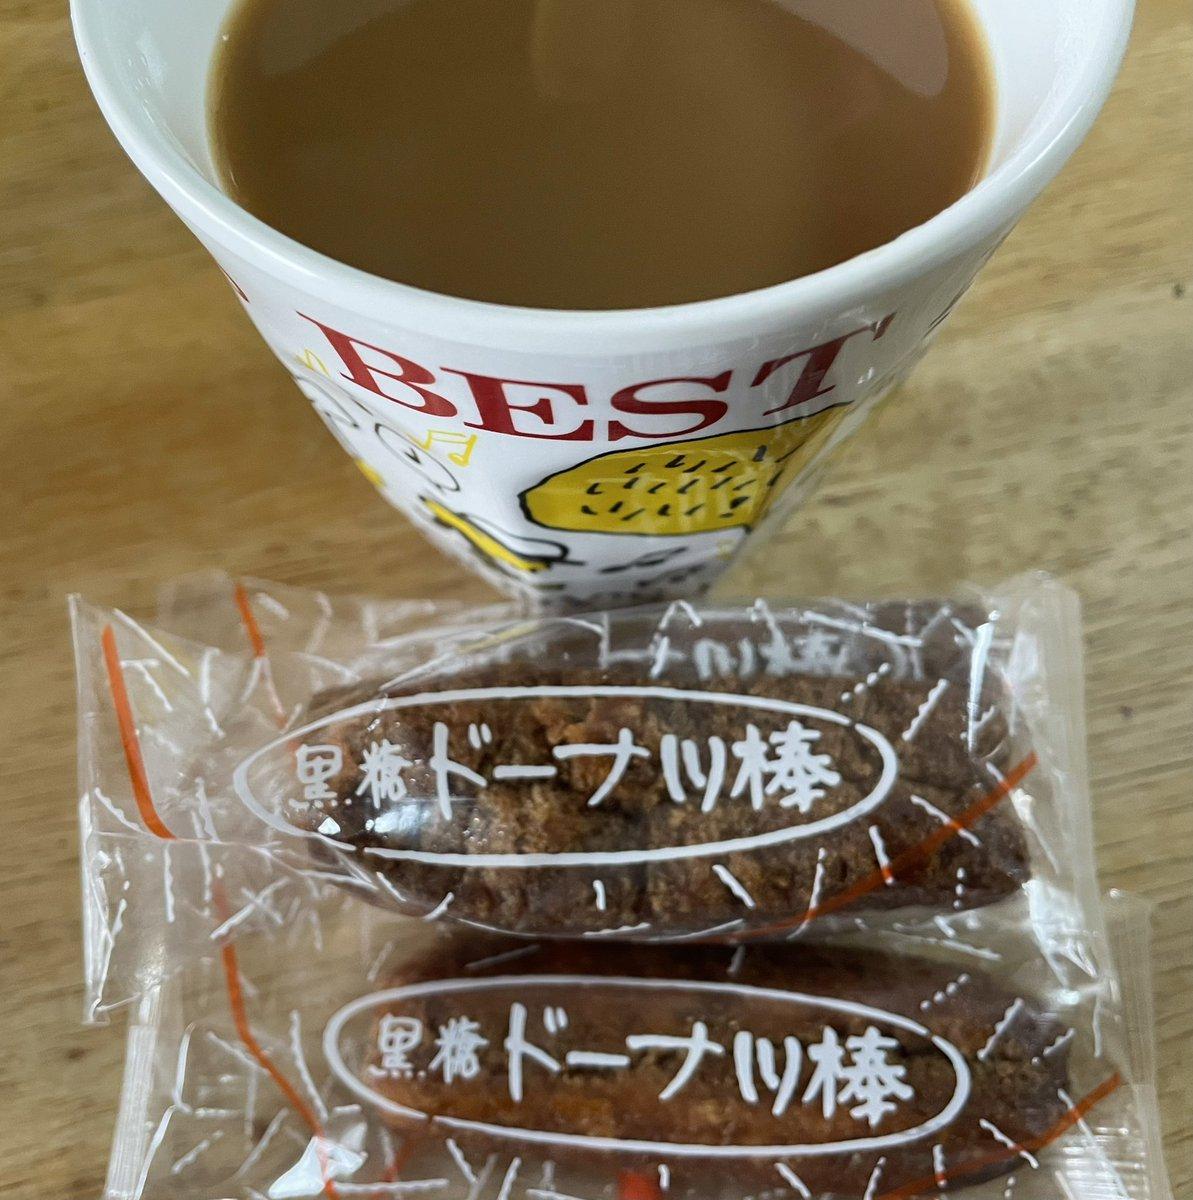 test ツイッターメディア - 今日のおやつ😆 砂糖ミルク入りのコーヒーと黒糖ドーナツ棒😋 https://t.co/jgwXEFxCmQ